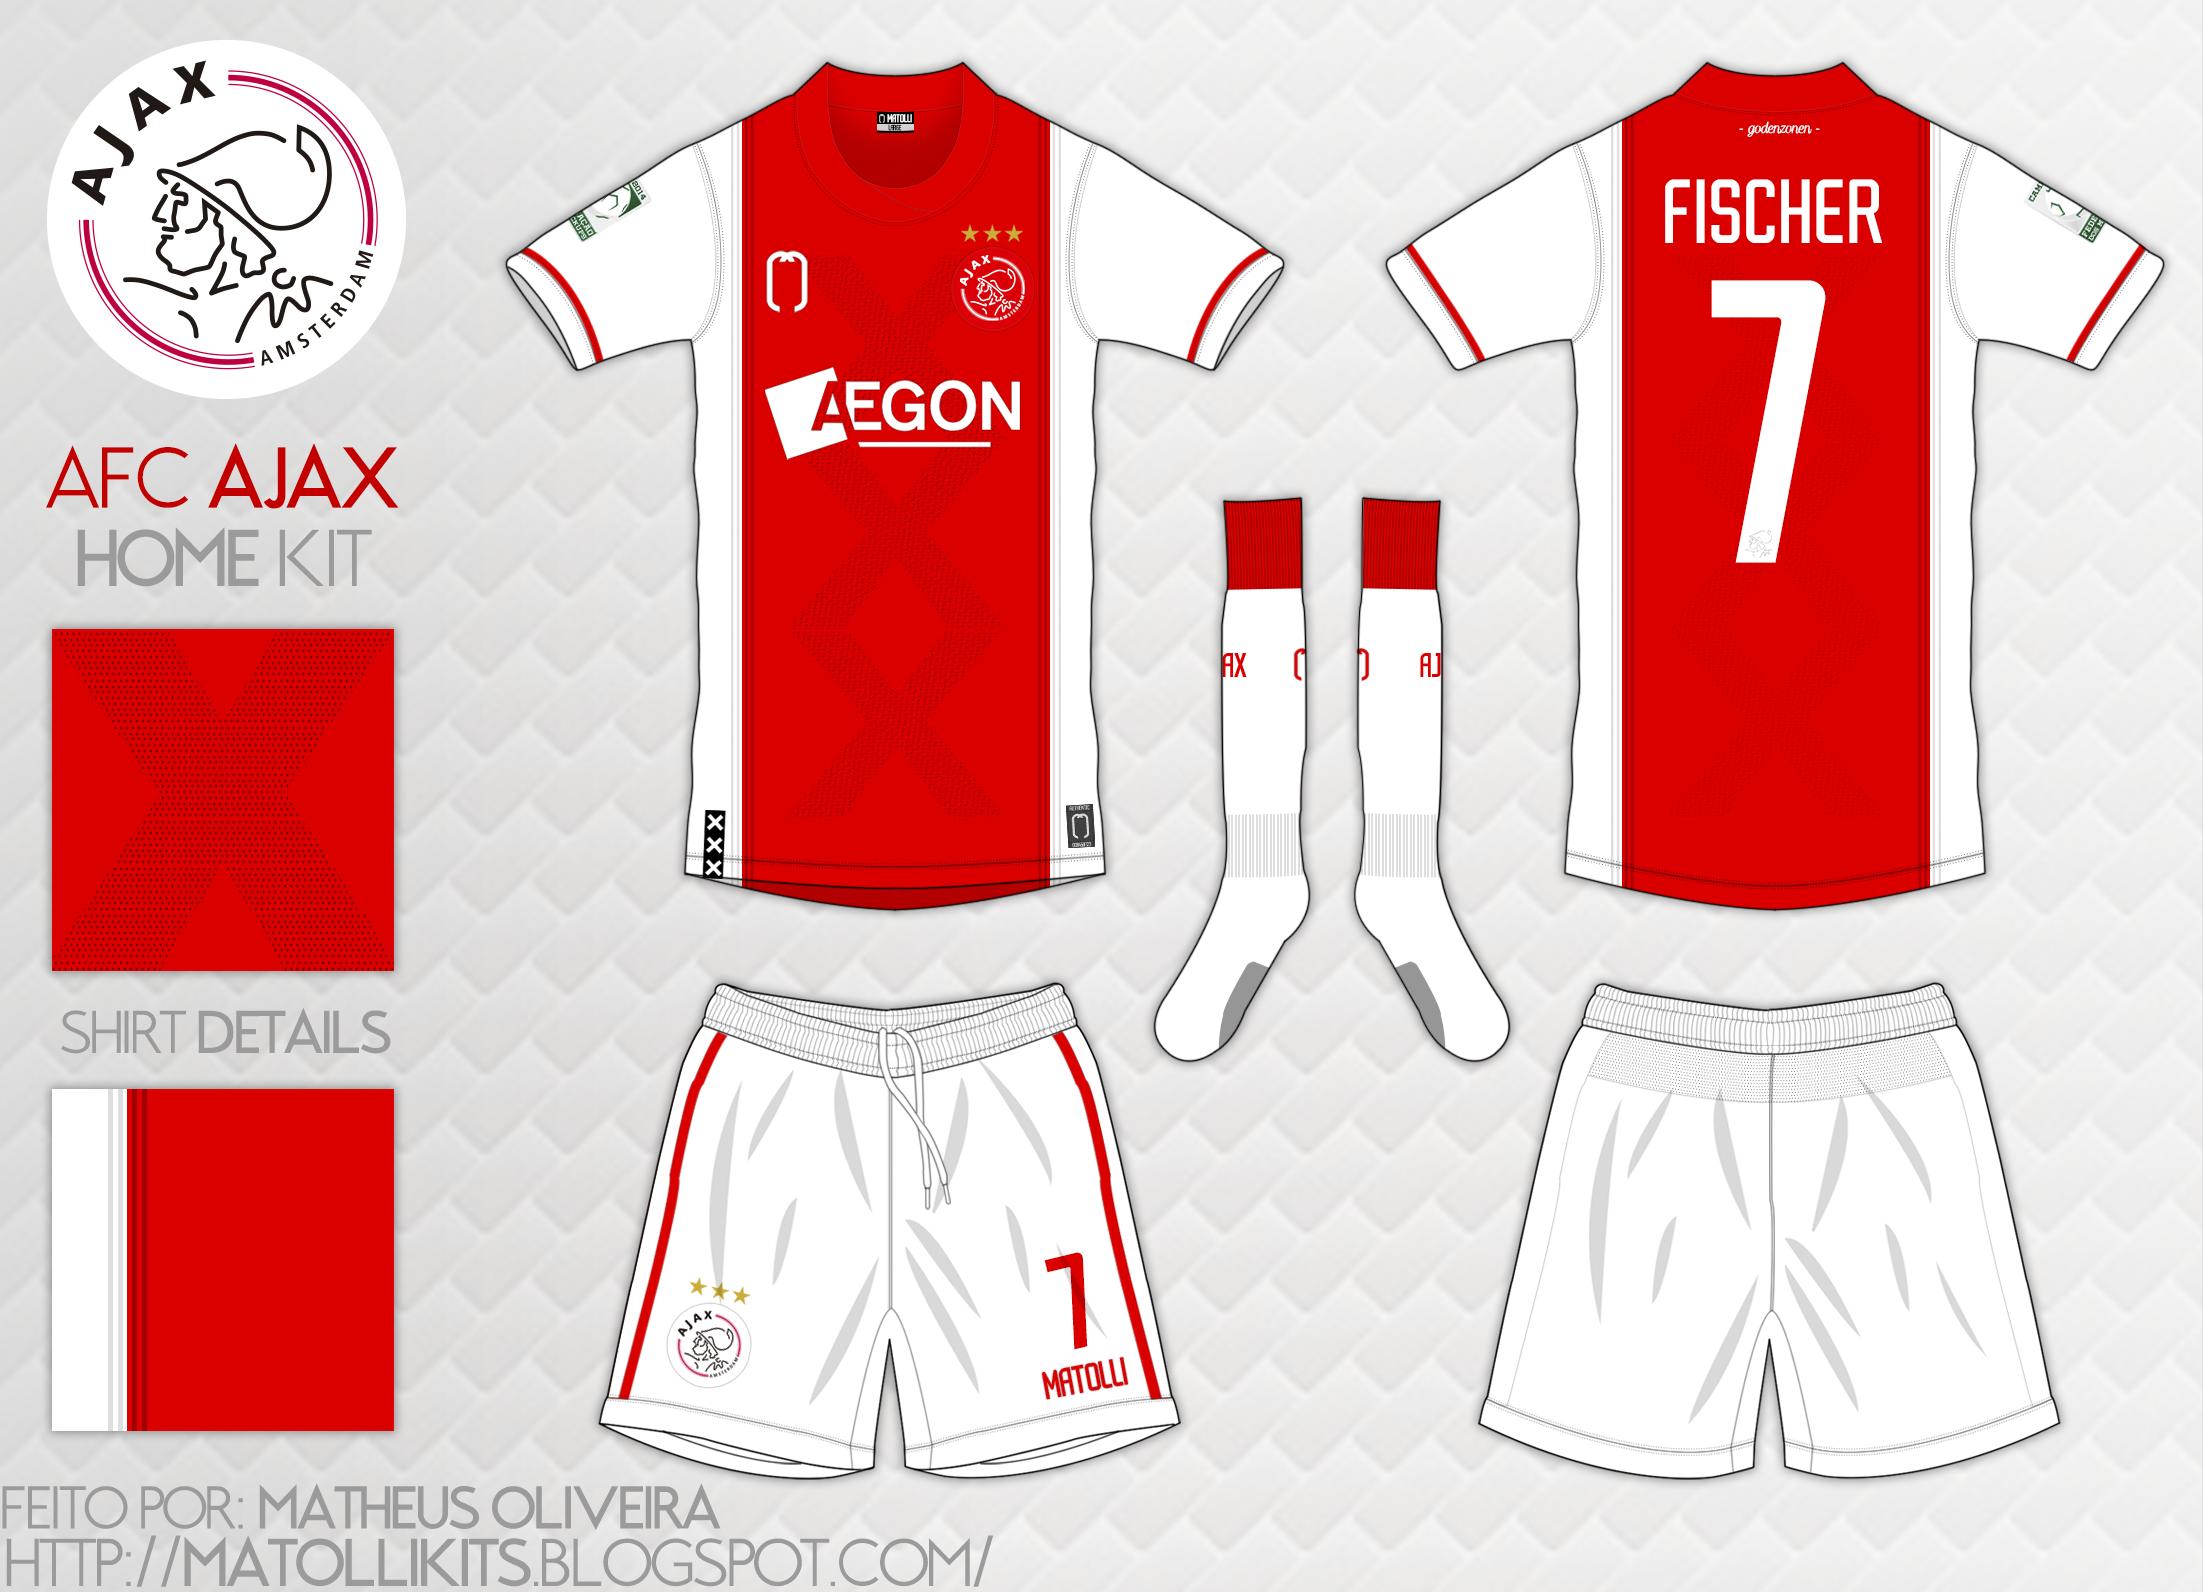 Campeonato de Mockups Camisetas de Futebol  54º Campeonato- AJAX ... 4bf934b4e3e5a